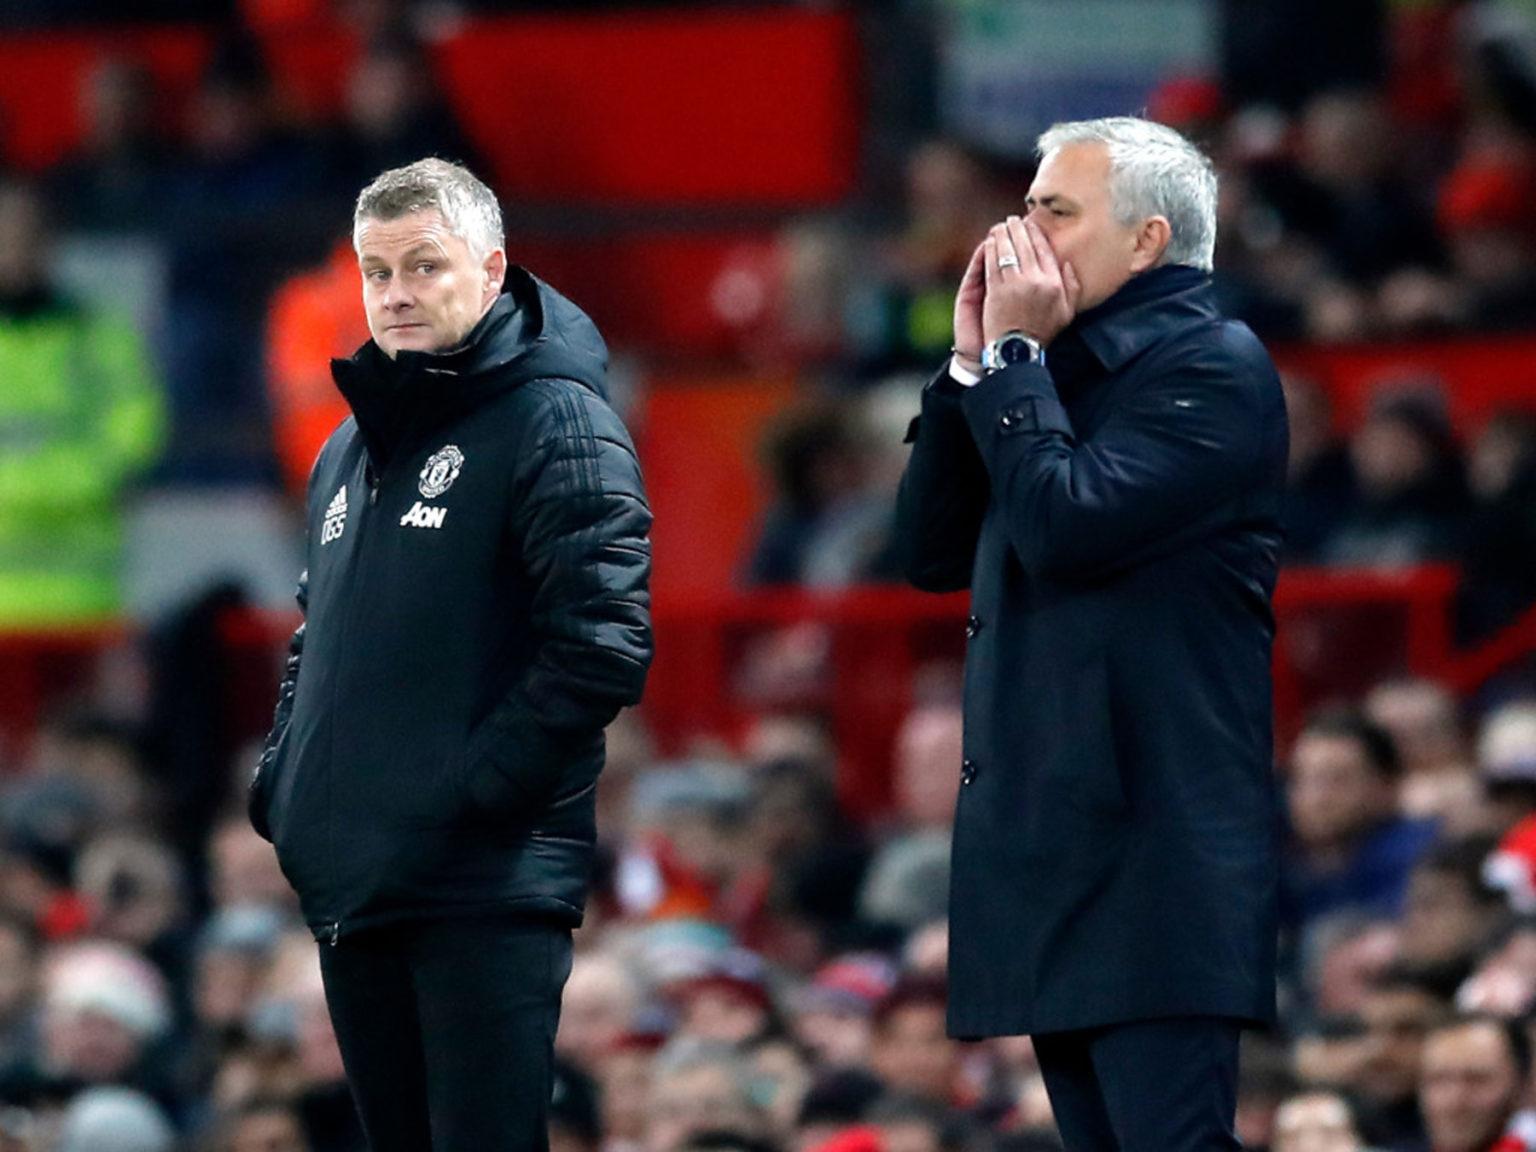 Como Ole Gunnar Solskjaer está consertando o Manchester United